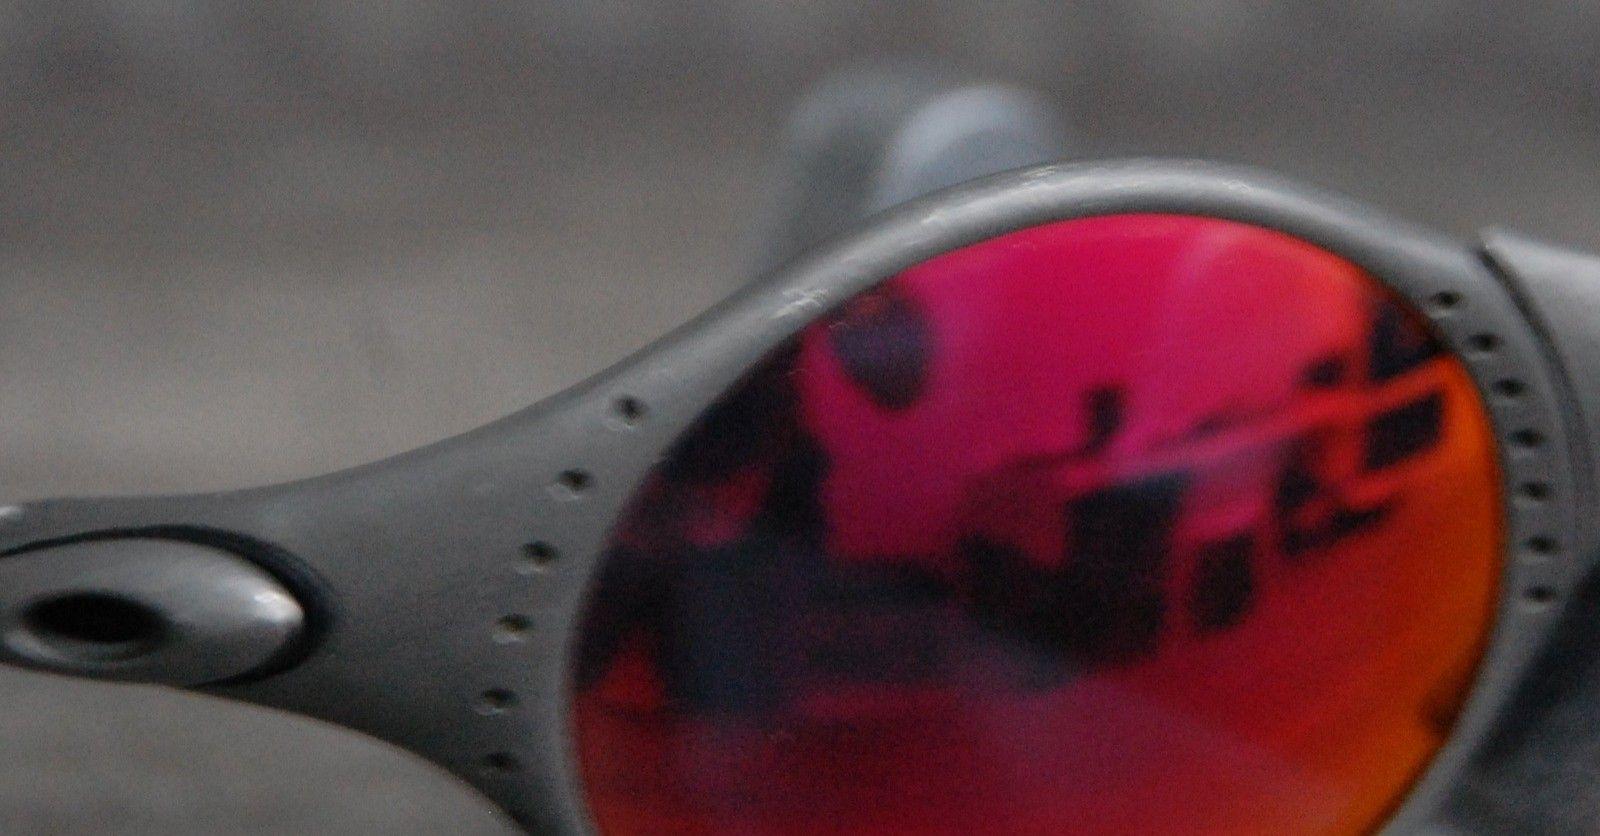 Mars Ruby Crater. Serial: C000374 !!! - Mruby6.jpg